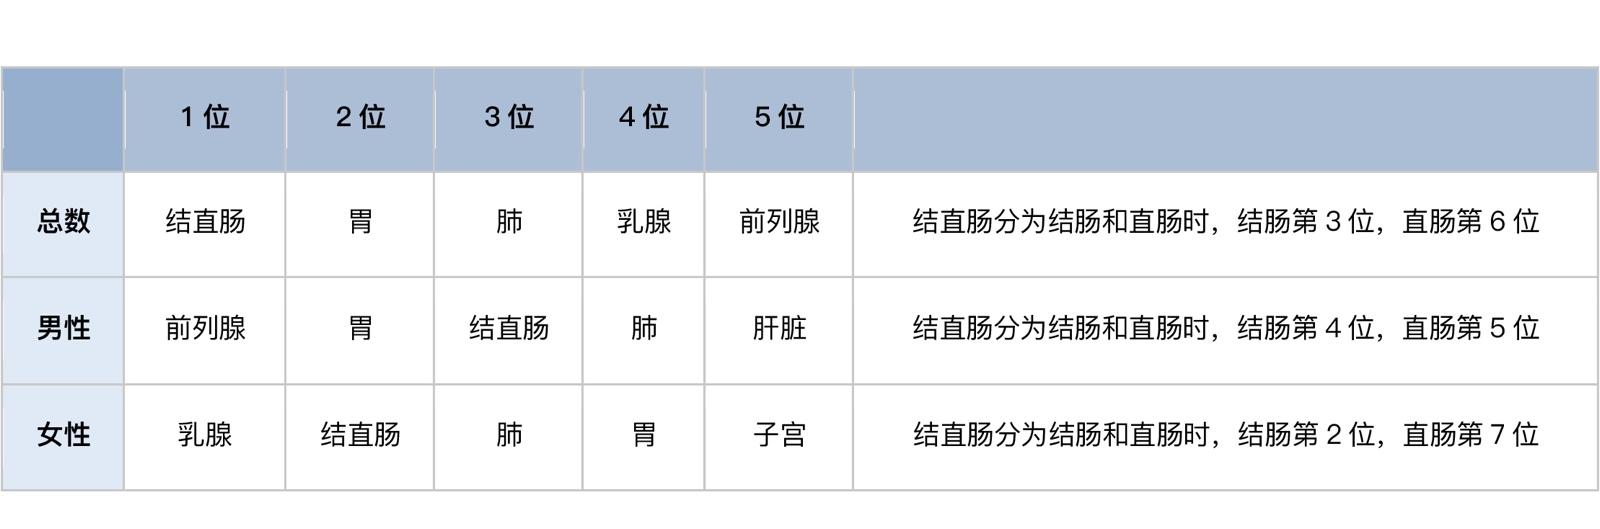 日本国癌公布日本最新癌症统计数据(2021年8月更新)